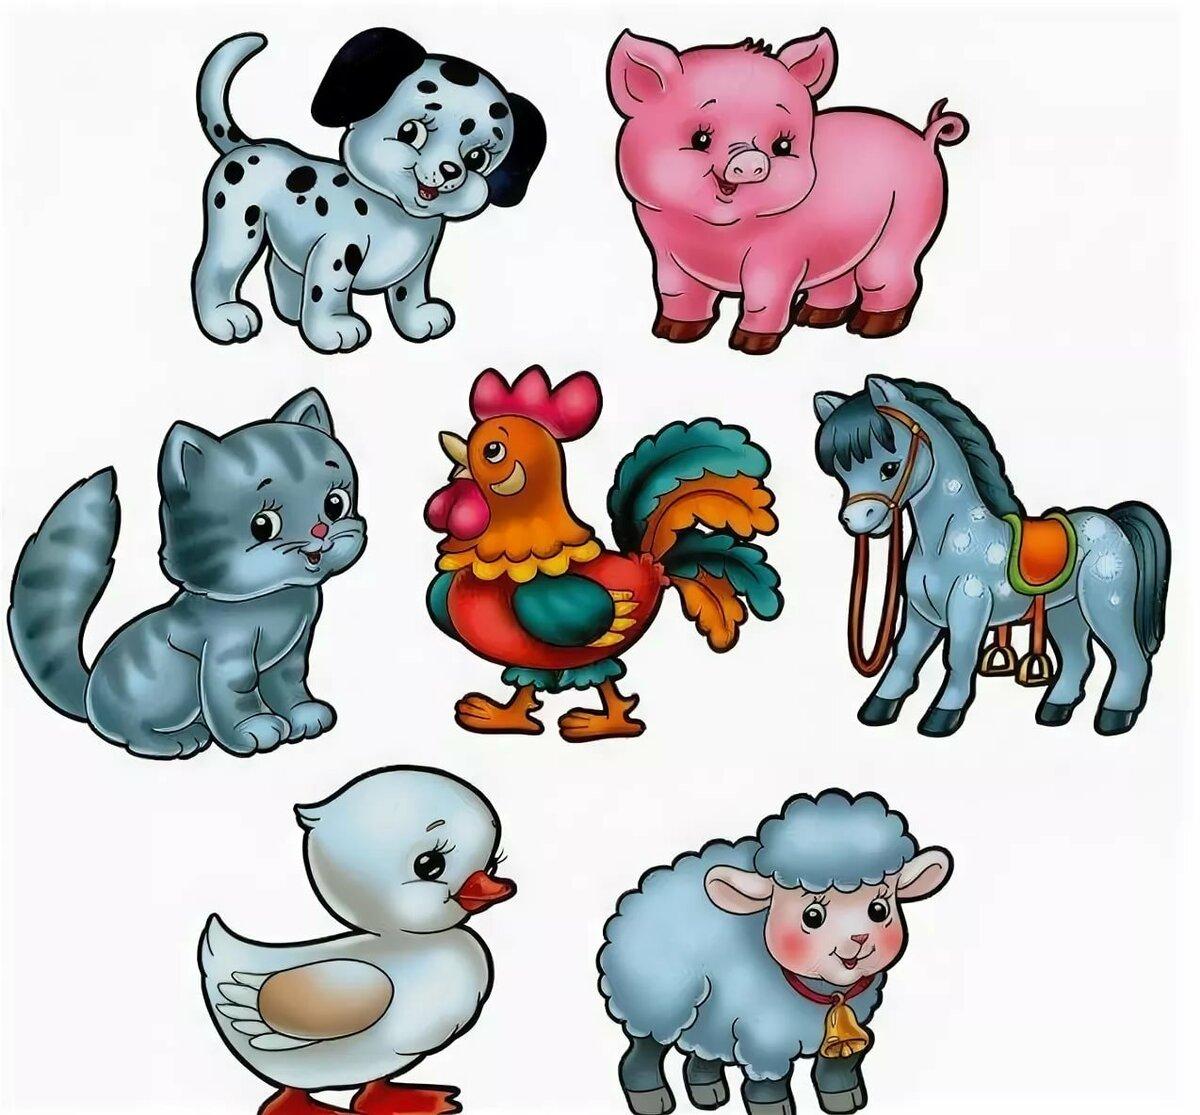 О животных в картинках для дошкольников